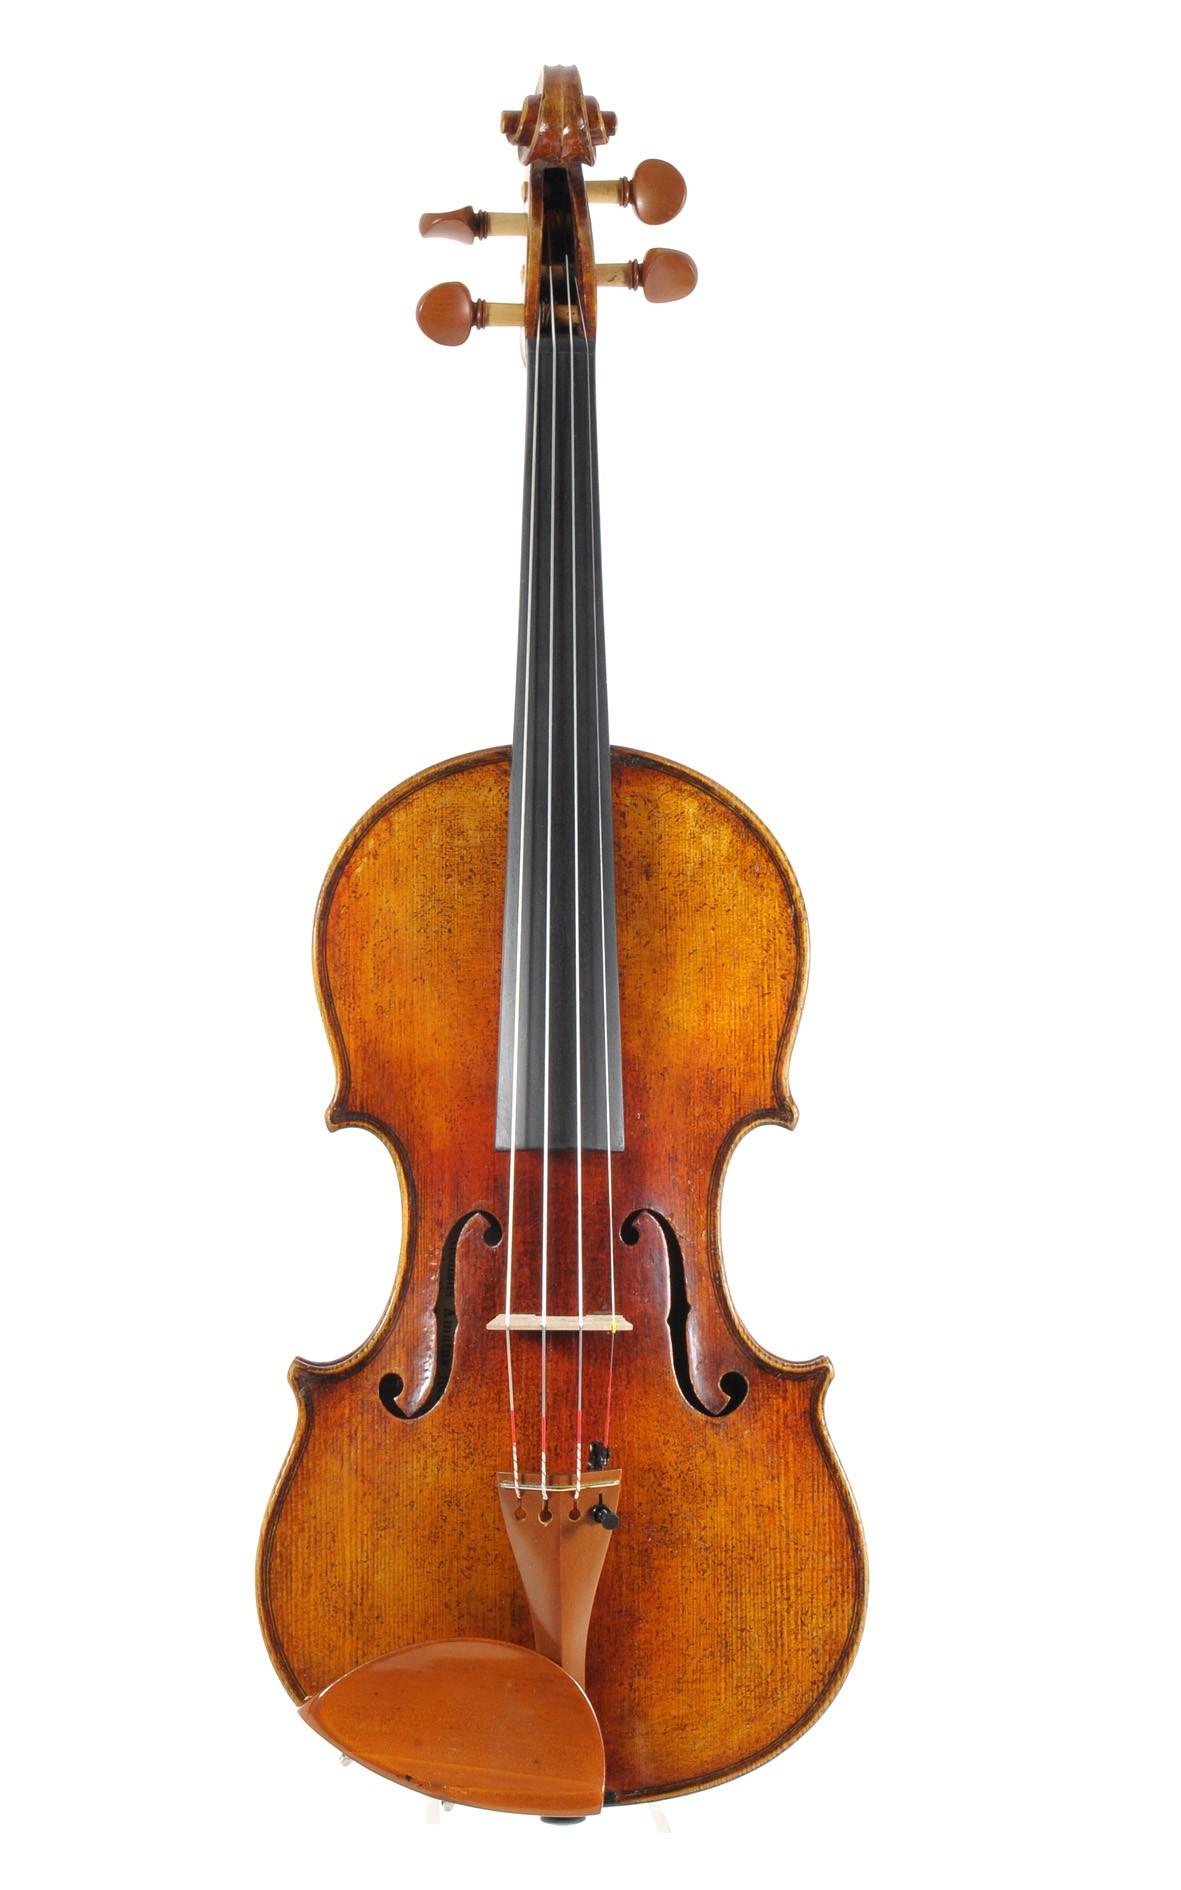 Amati-Kopie, Geige aus Sachsen um 1900